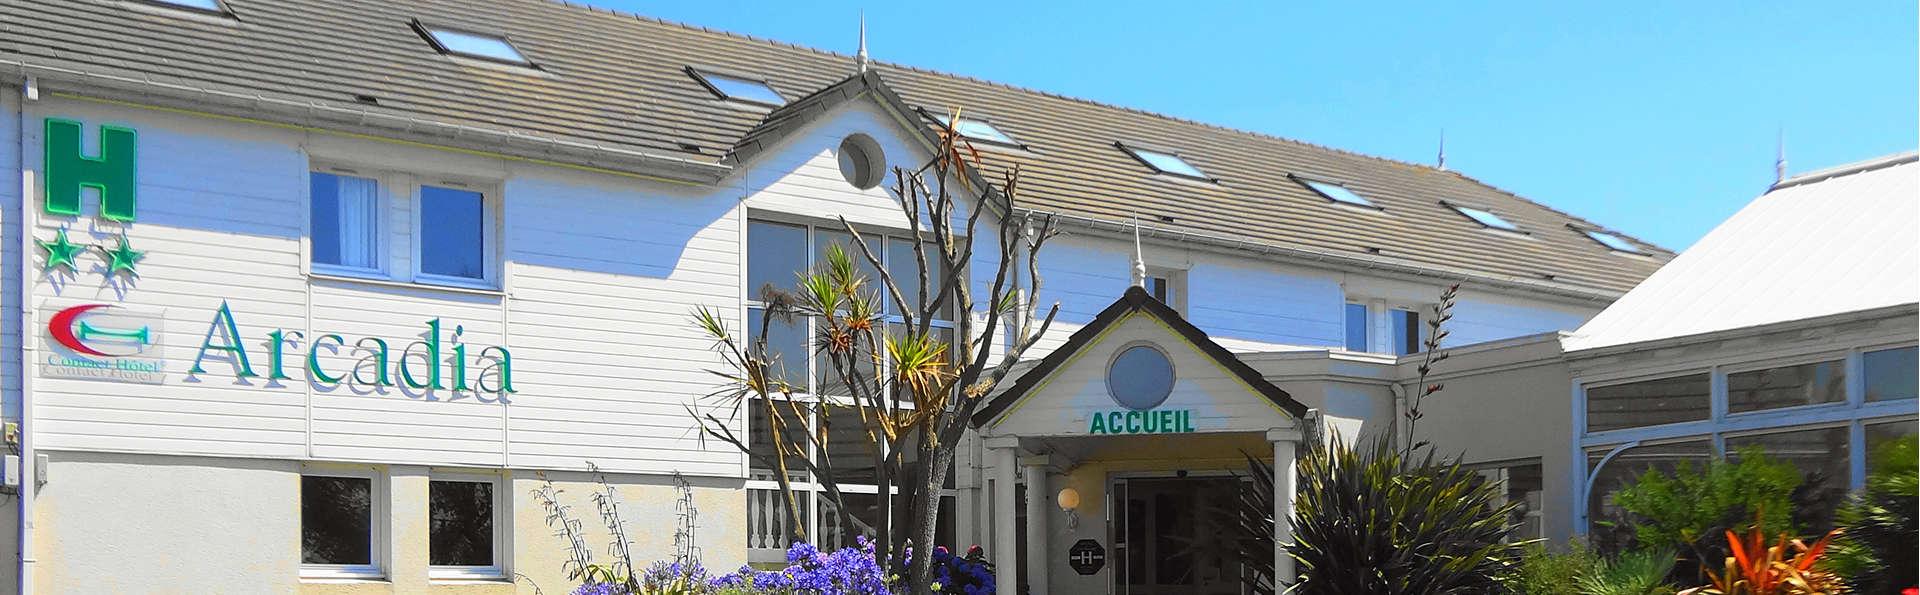 Hôtel Arcadia - EDIT_Fachada_0.jpg